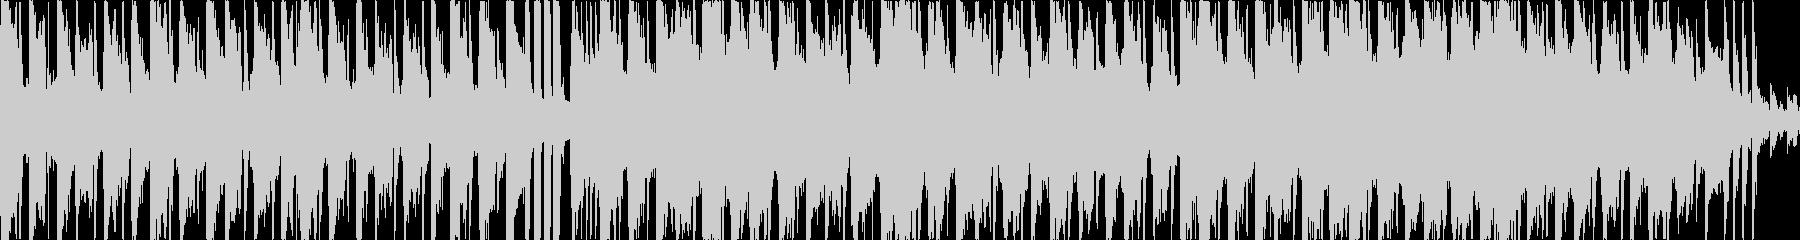 ギターメインのフュージョン・ファンクの未再生の波形